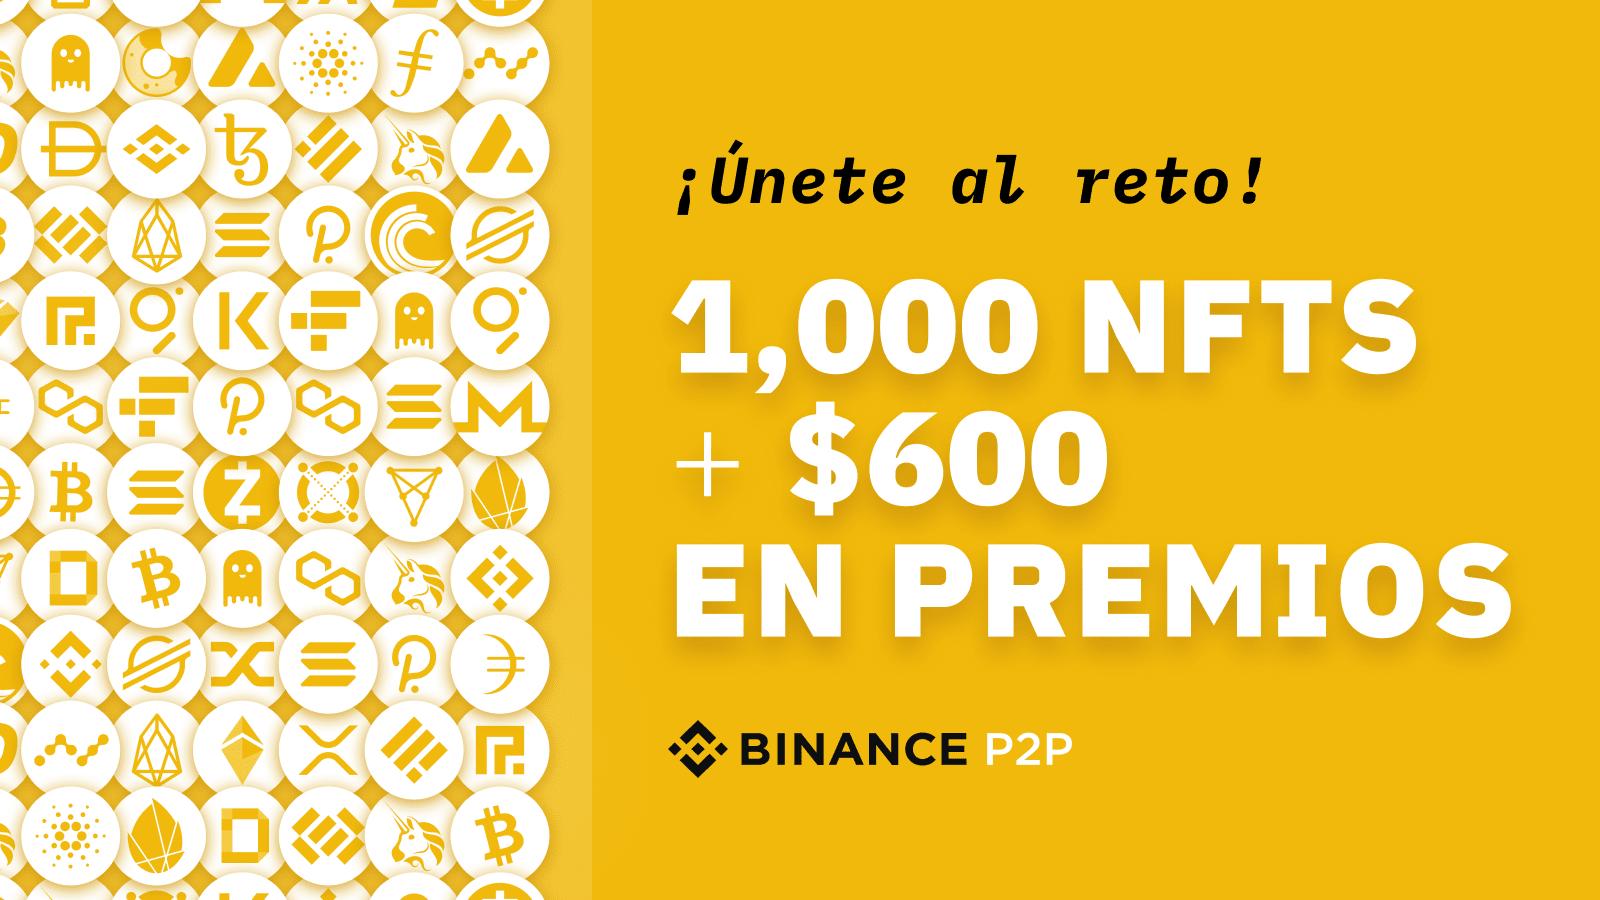 ¡Súmate al desafío de Binance P2P! Sorteo de 1,000 NFT edición limitada, más $600 dólares en premios | Blog de Binance